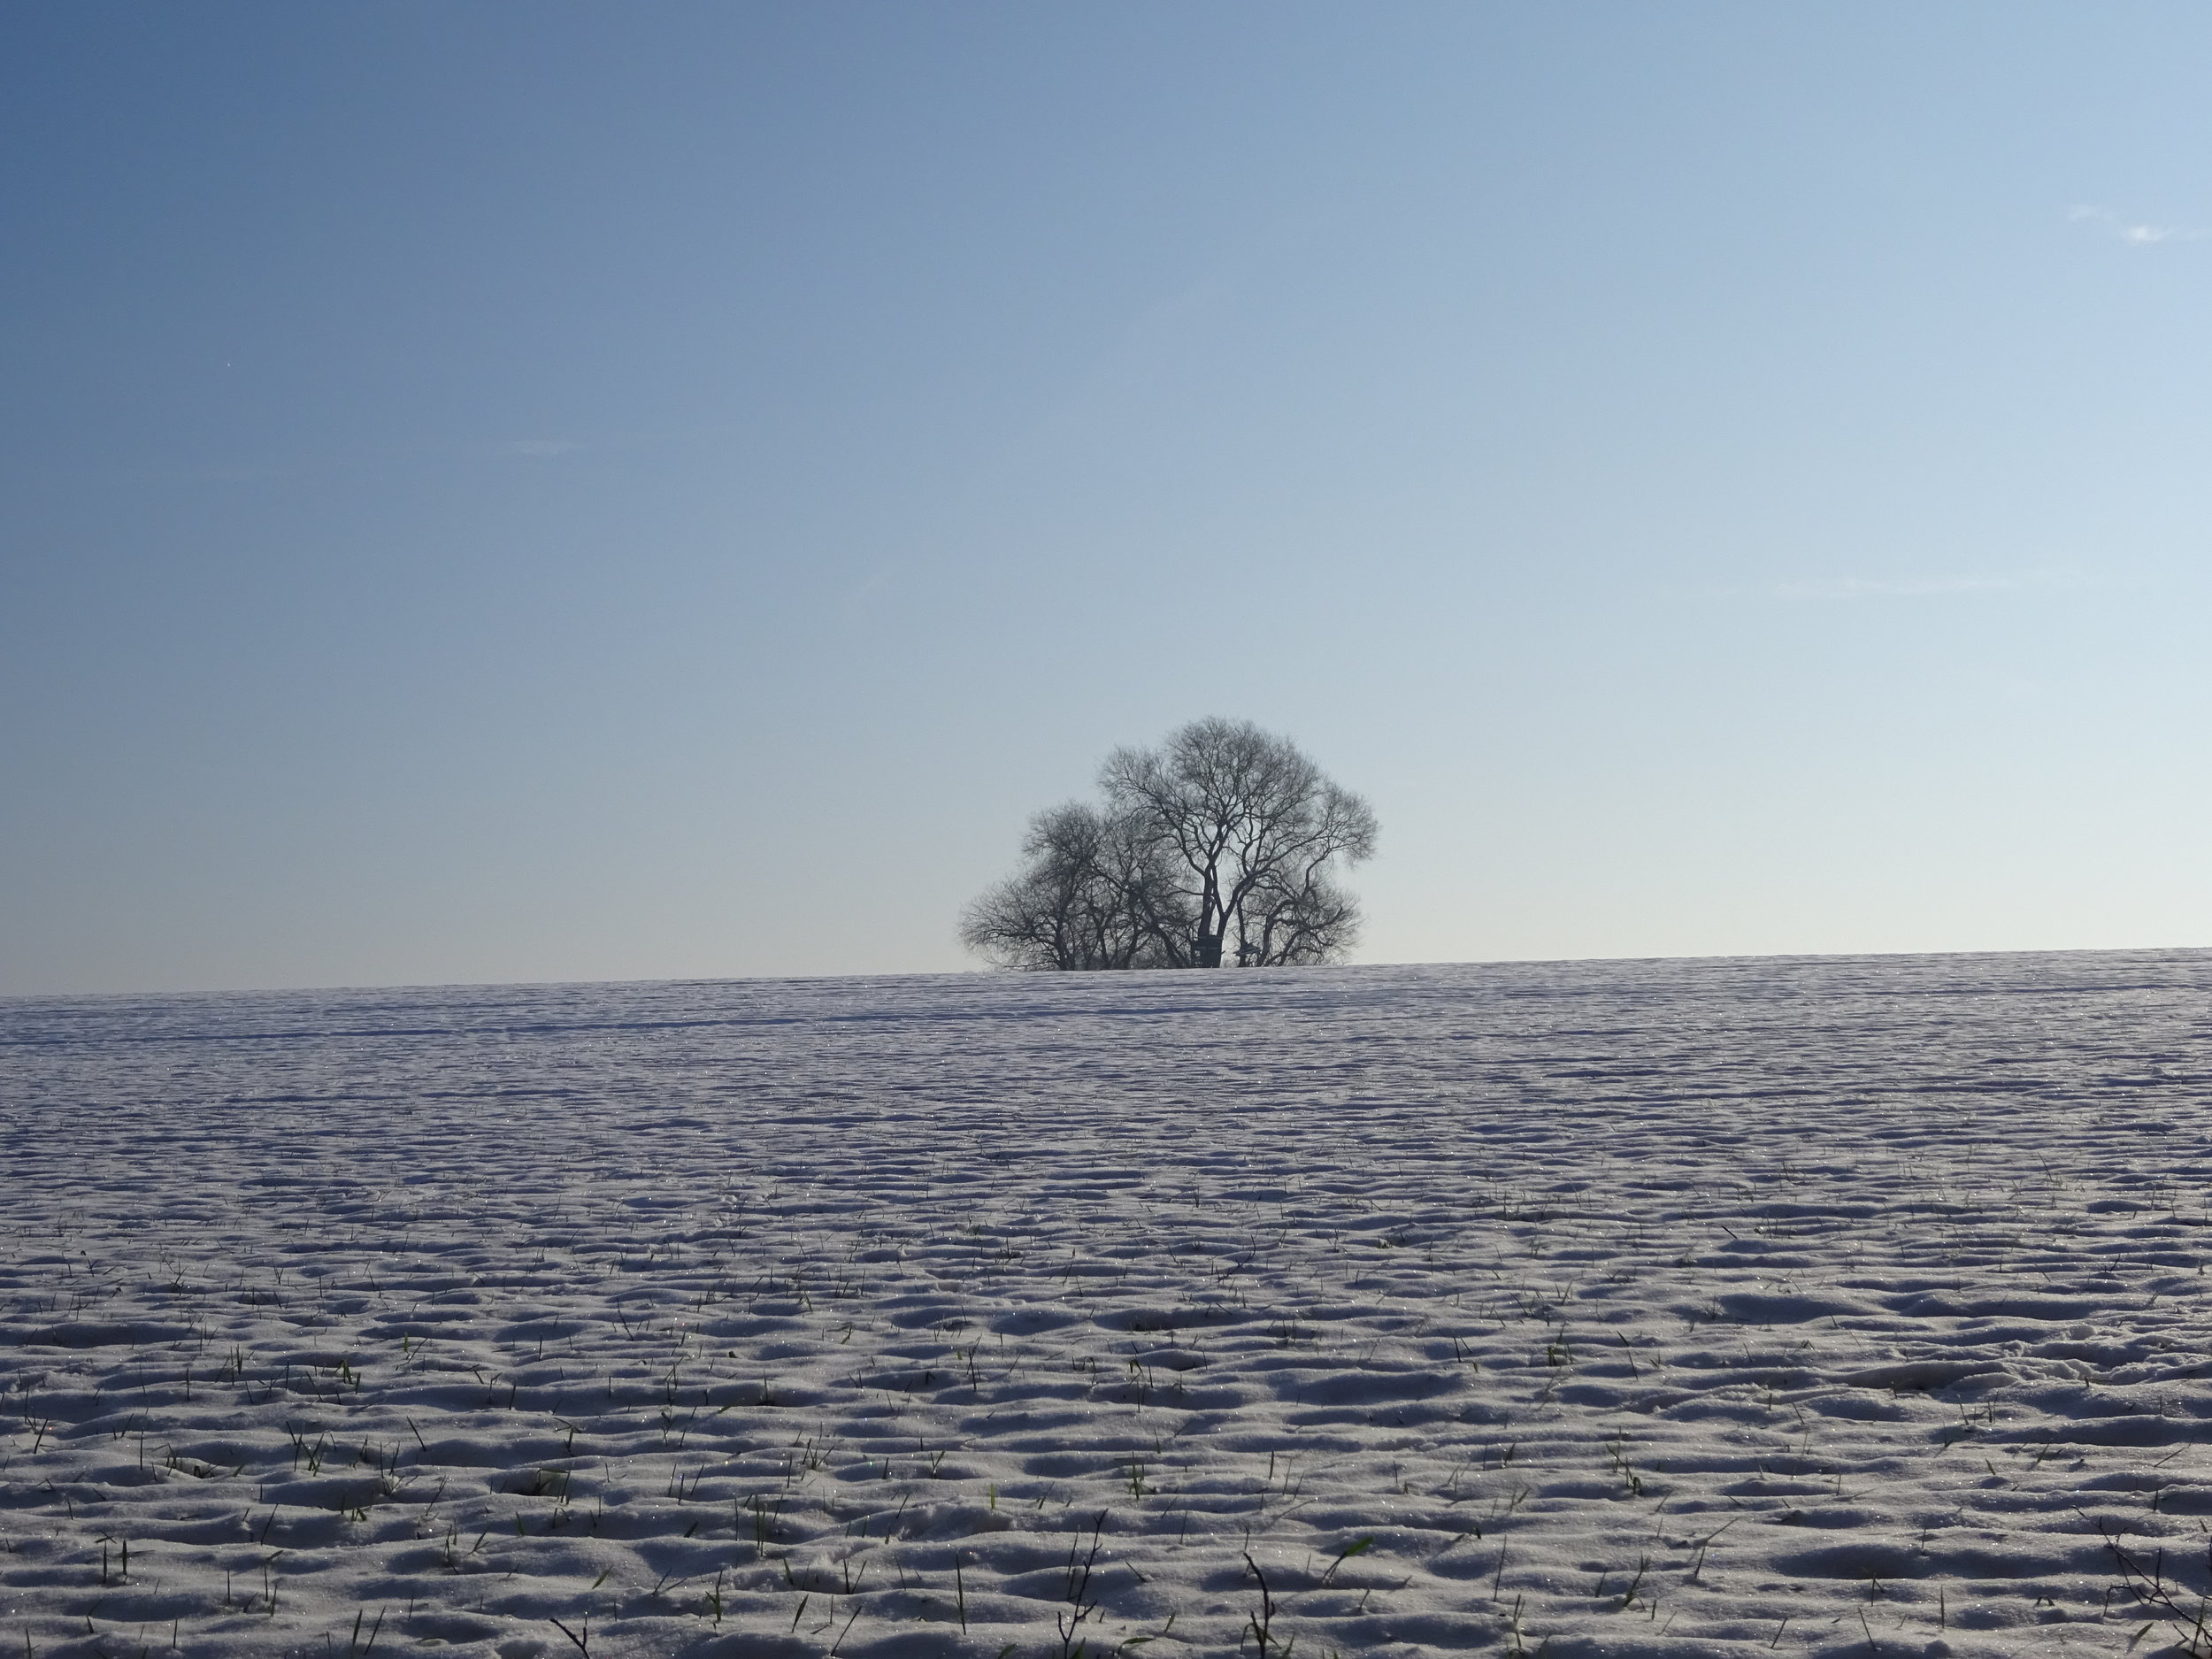 - Au cœur de chaque hiver palpite un printemps et derrière le voile de chaque nuit se trouve un matin radieux. (Khalil Gibran)